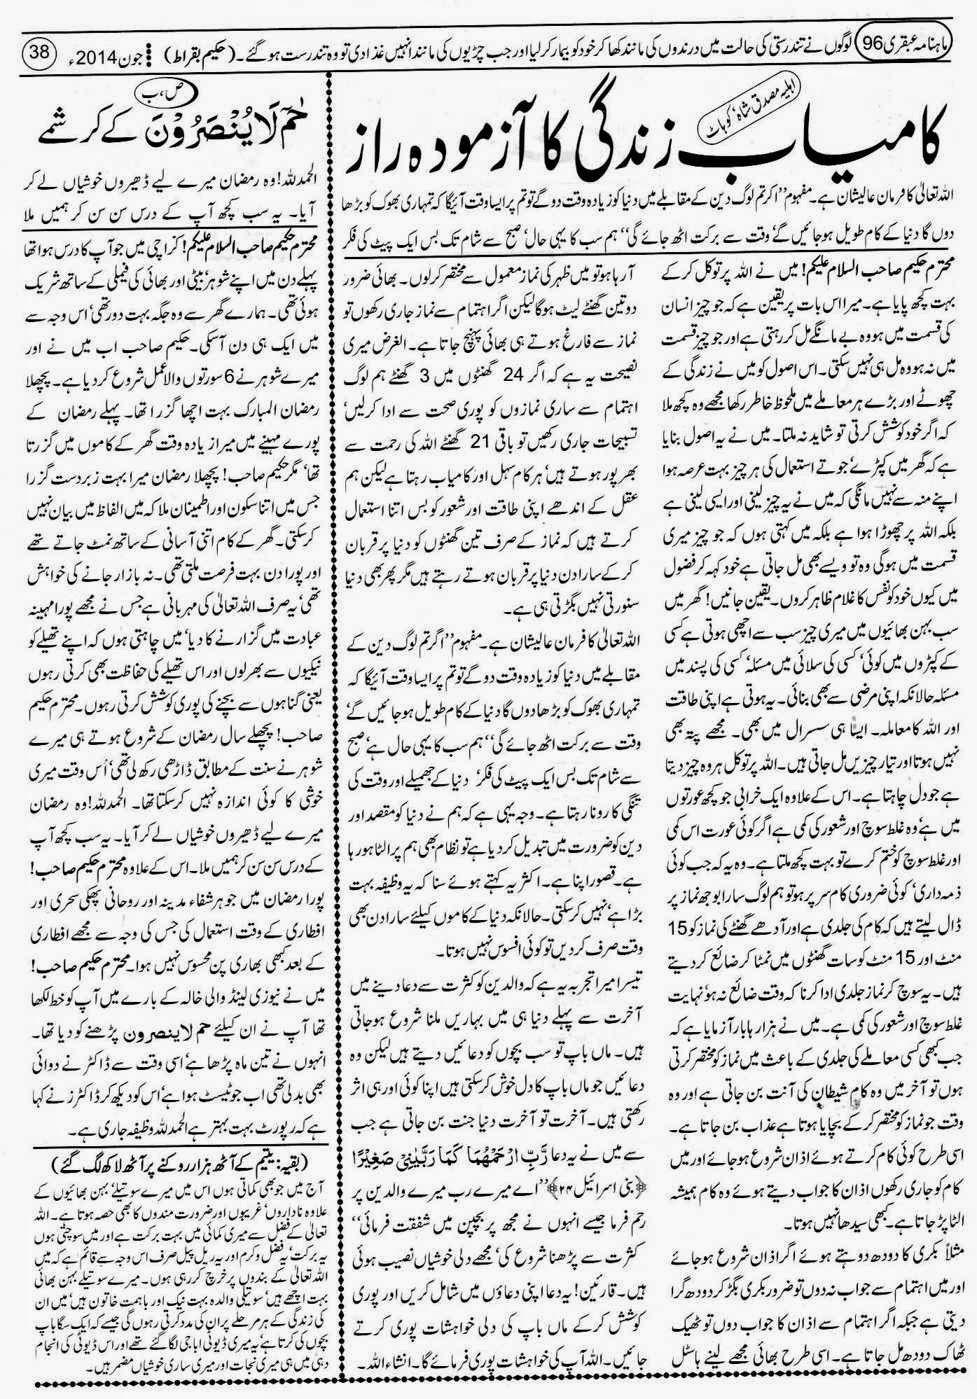 ubqari june 2014 page 38